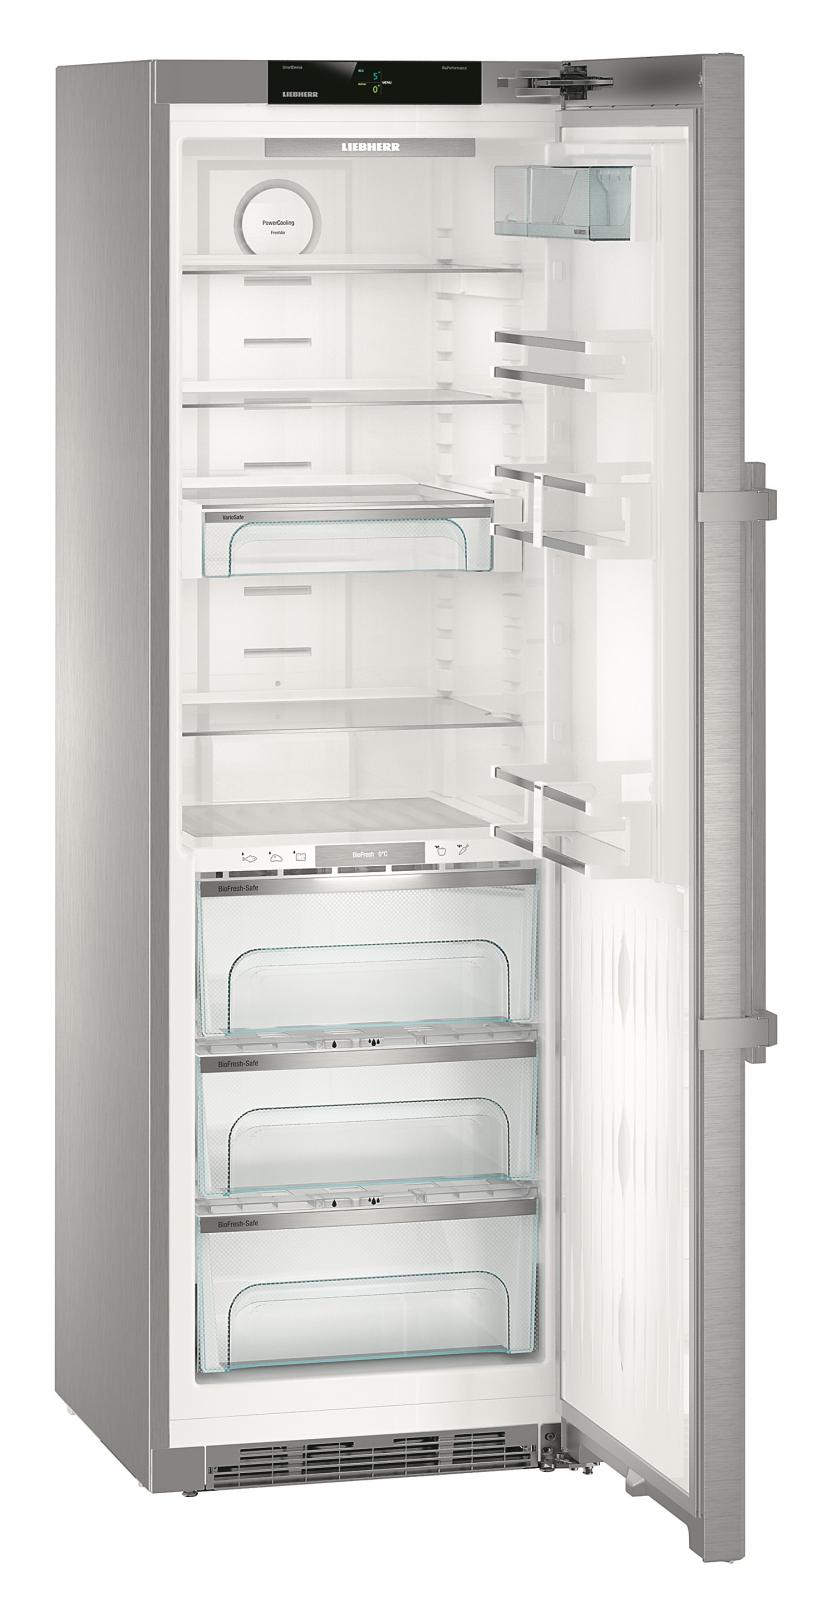 купить Однокамерный холодильник Liebherr KBes 4350 Украина фото 6